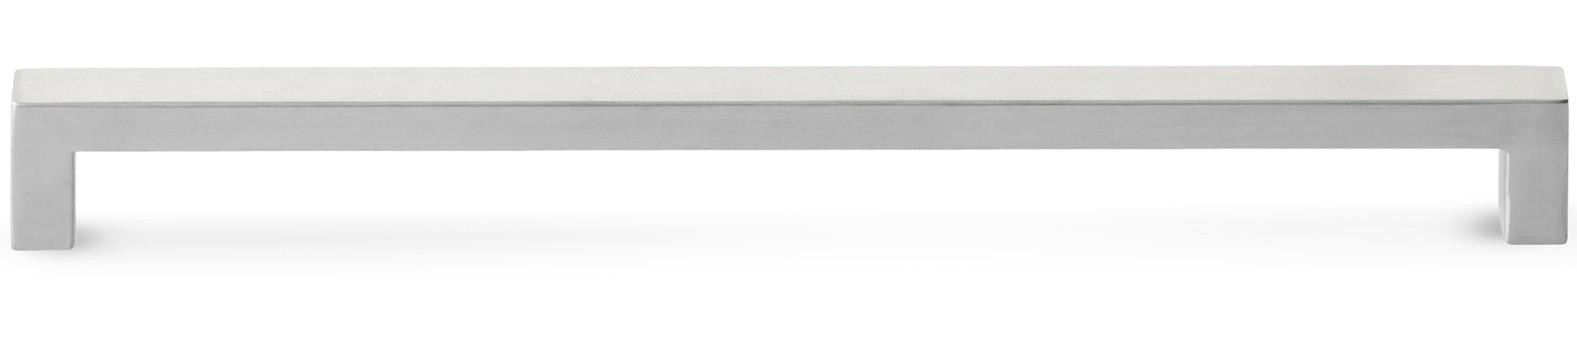 Ballingslöv Handtag HG422 Rostfritt borstat, nickelfritt, c/c 320 mm